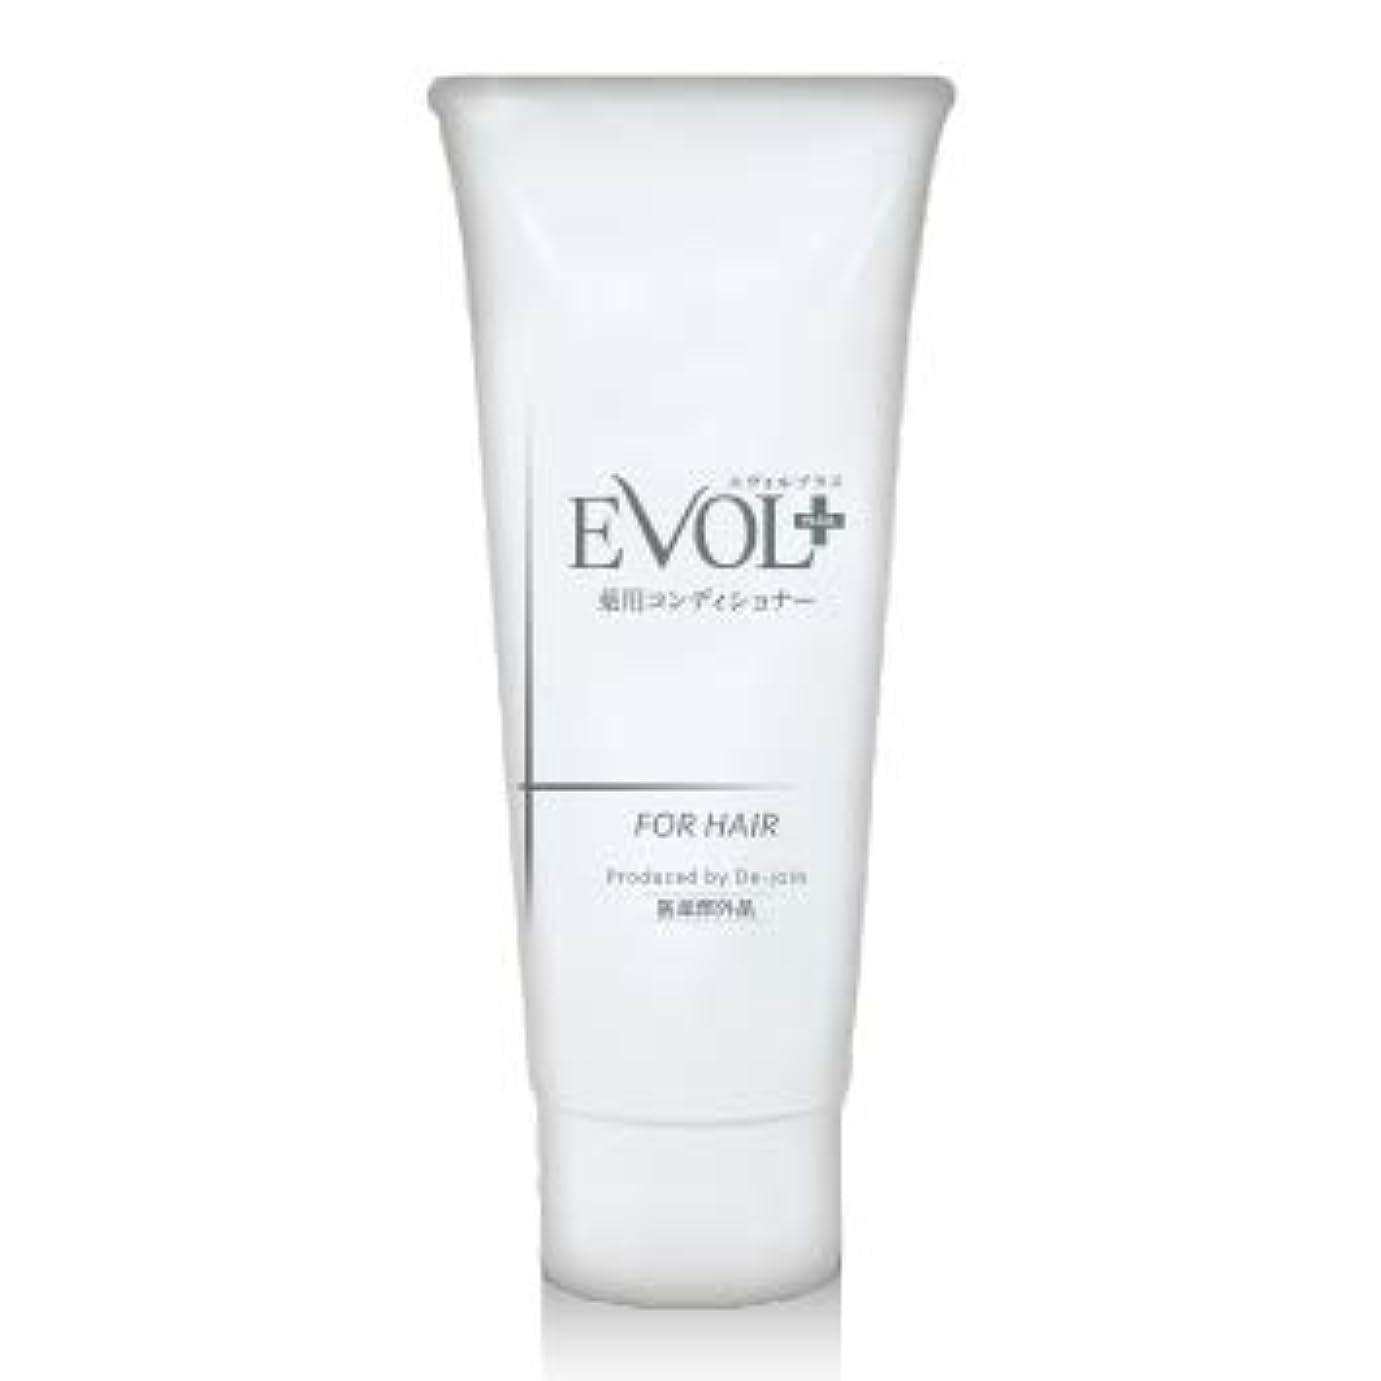 拍車デンプシー雇ったEVOL+(エヴォルプラス)薬用育毛コンディショナー お得なコース